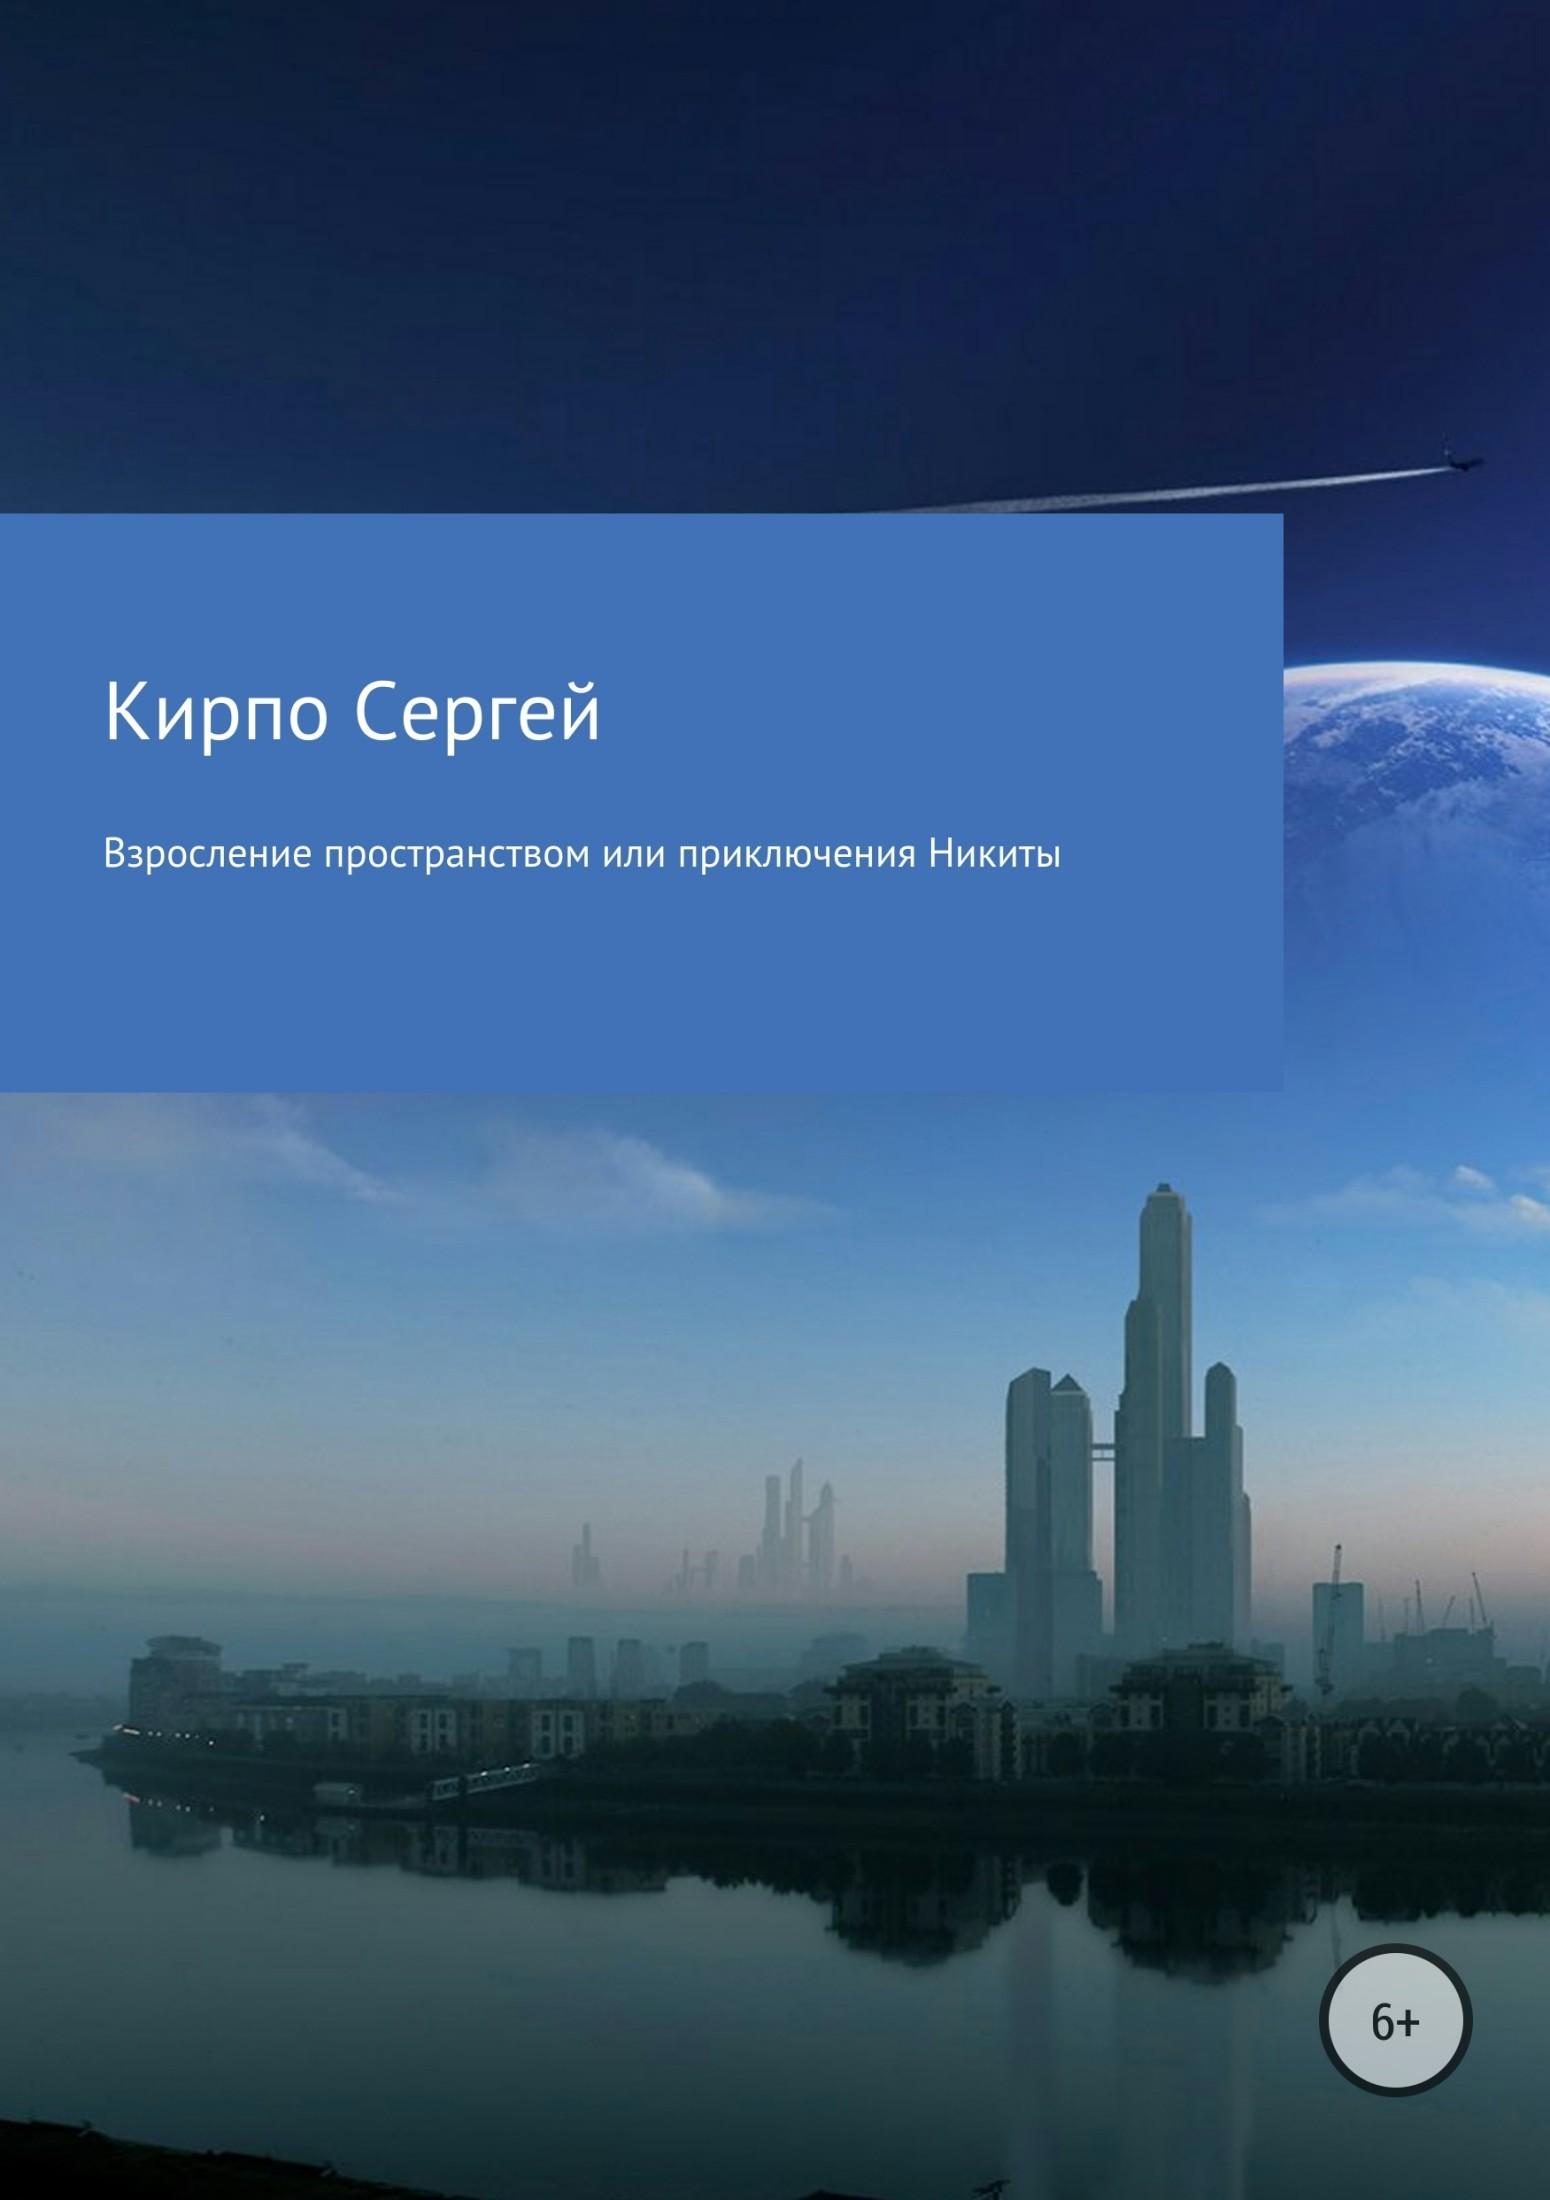 Сергей Кирпо - Взросление пространством или приключения Никиты